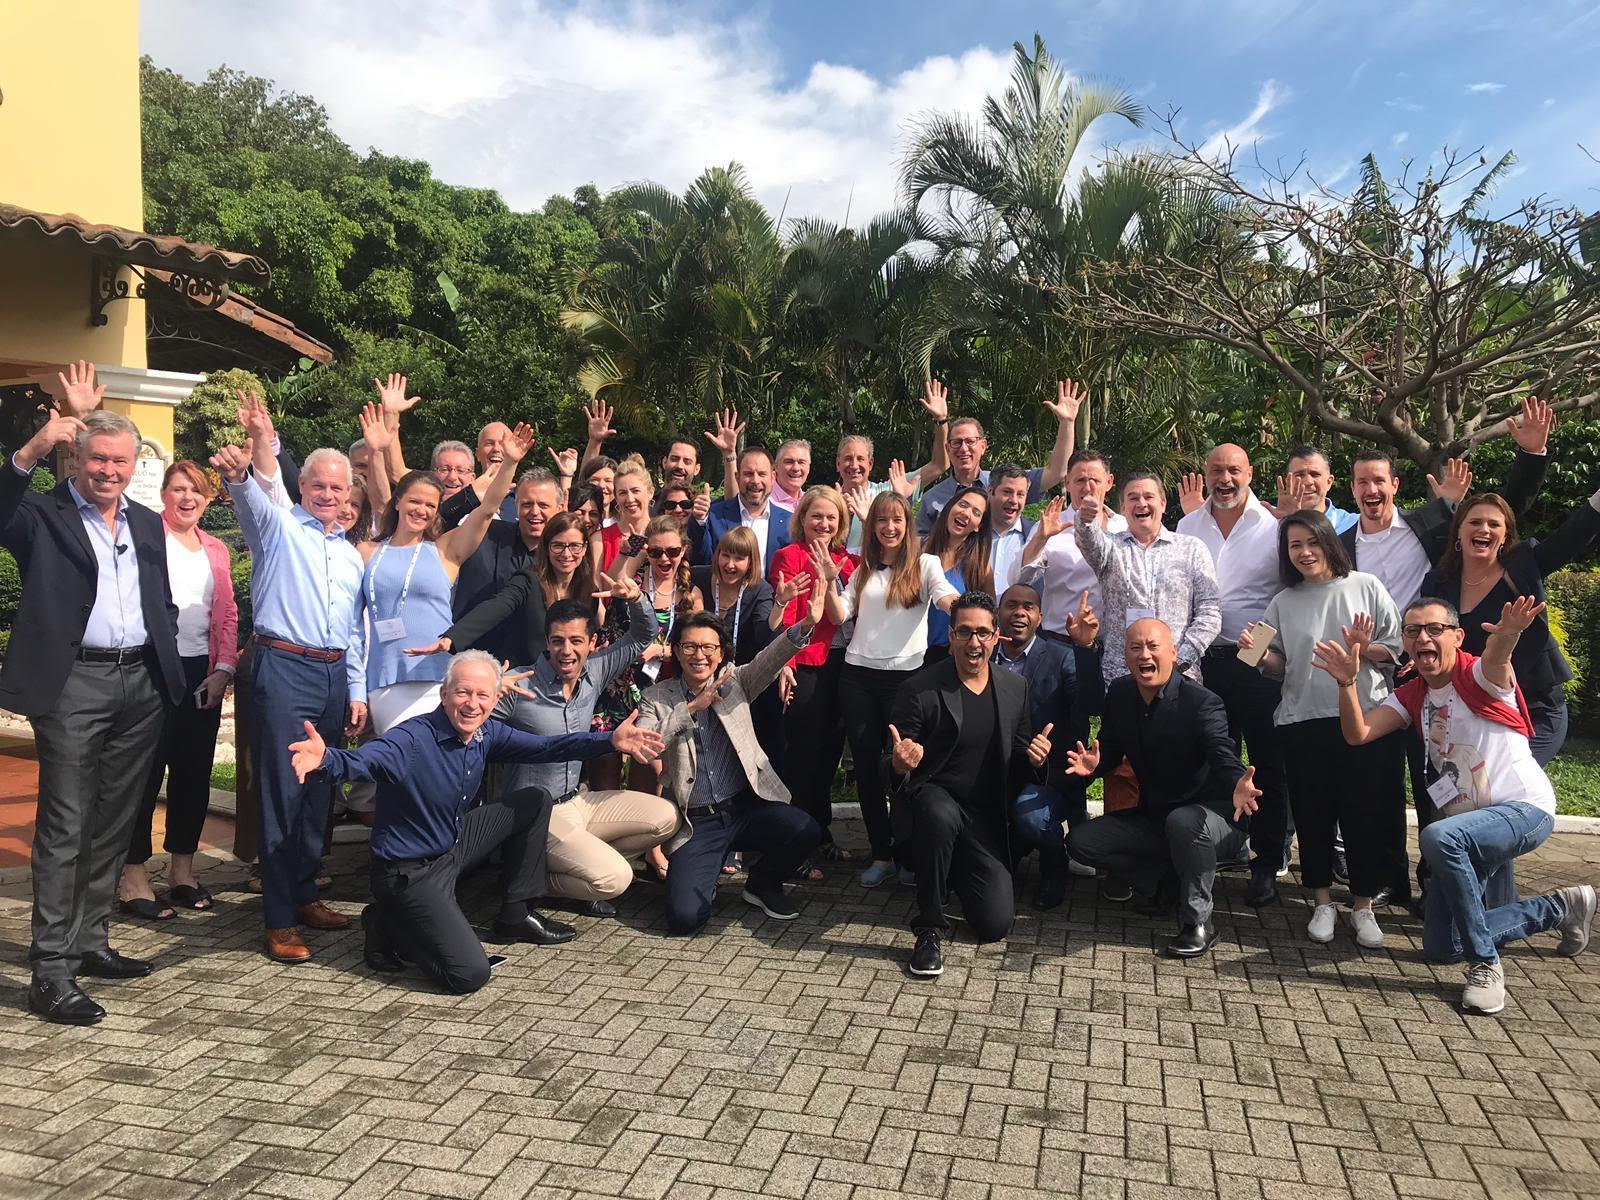 2019 Global Faculty Meeting